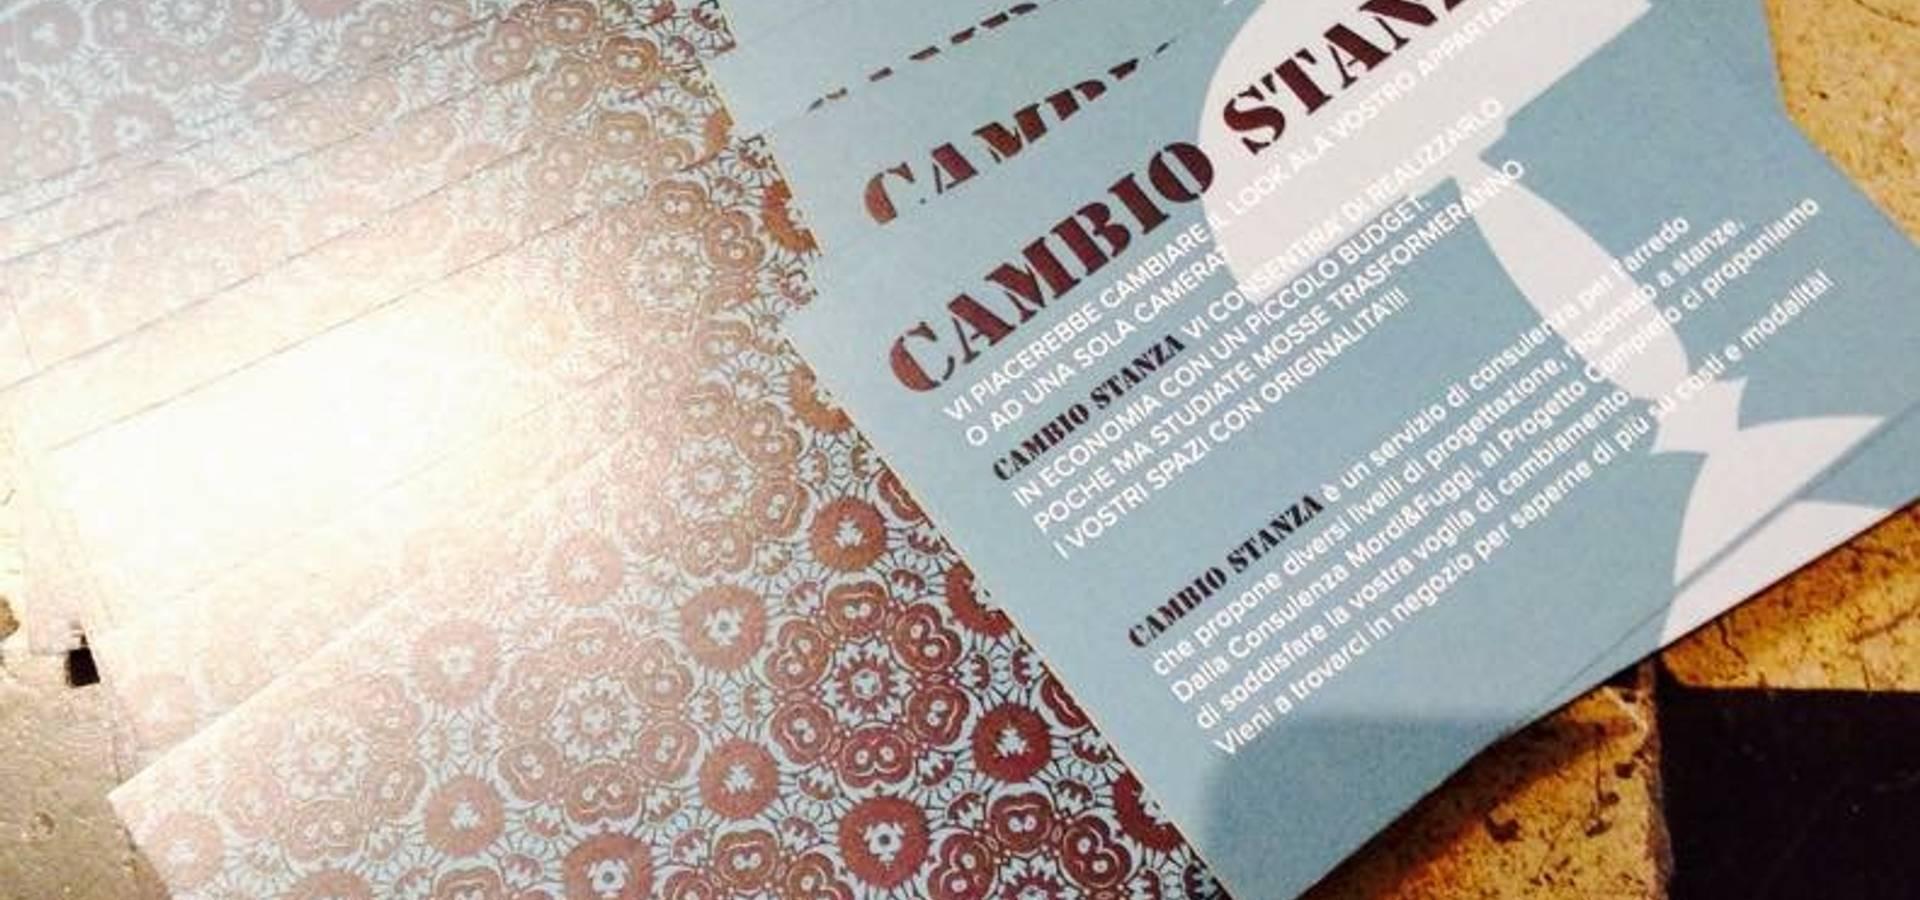 CAMBIO STANZA